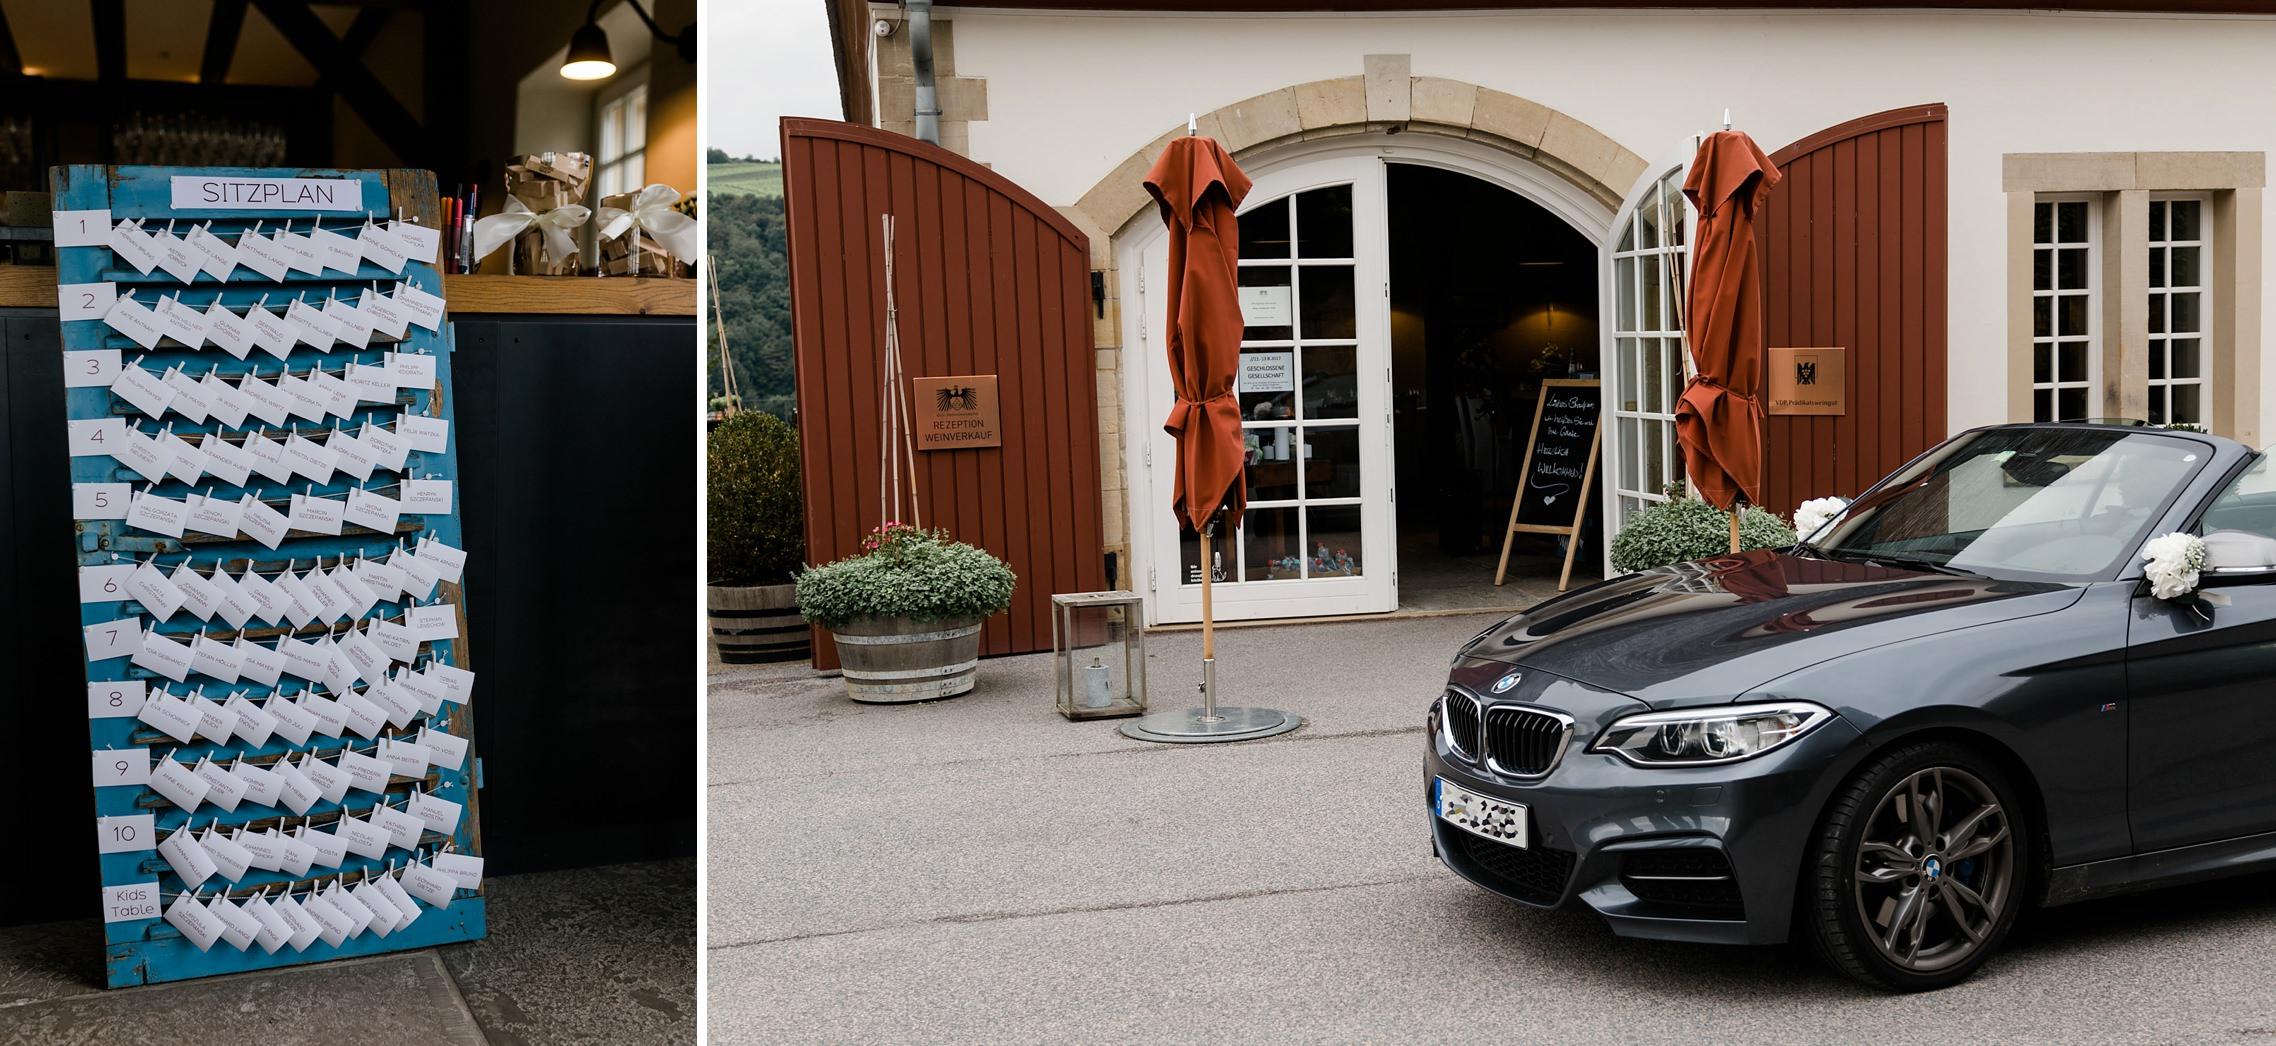 Eingangsbereich zum Gut Hermannsberg und der Sitzplan für die Hochzeitsgäste.